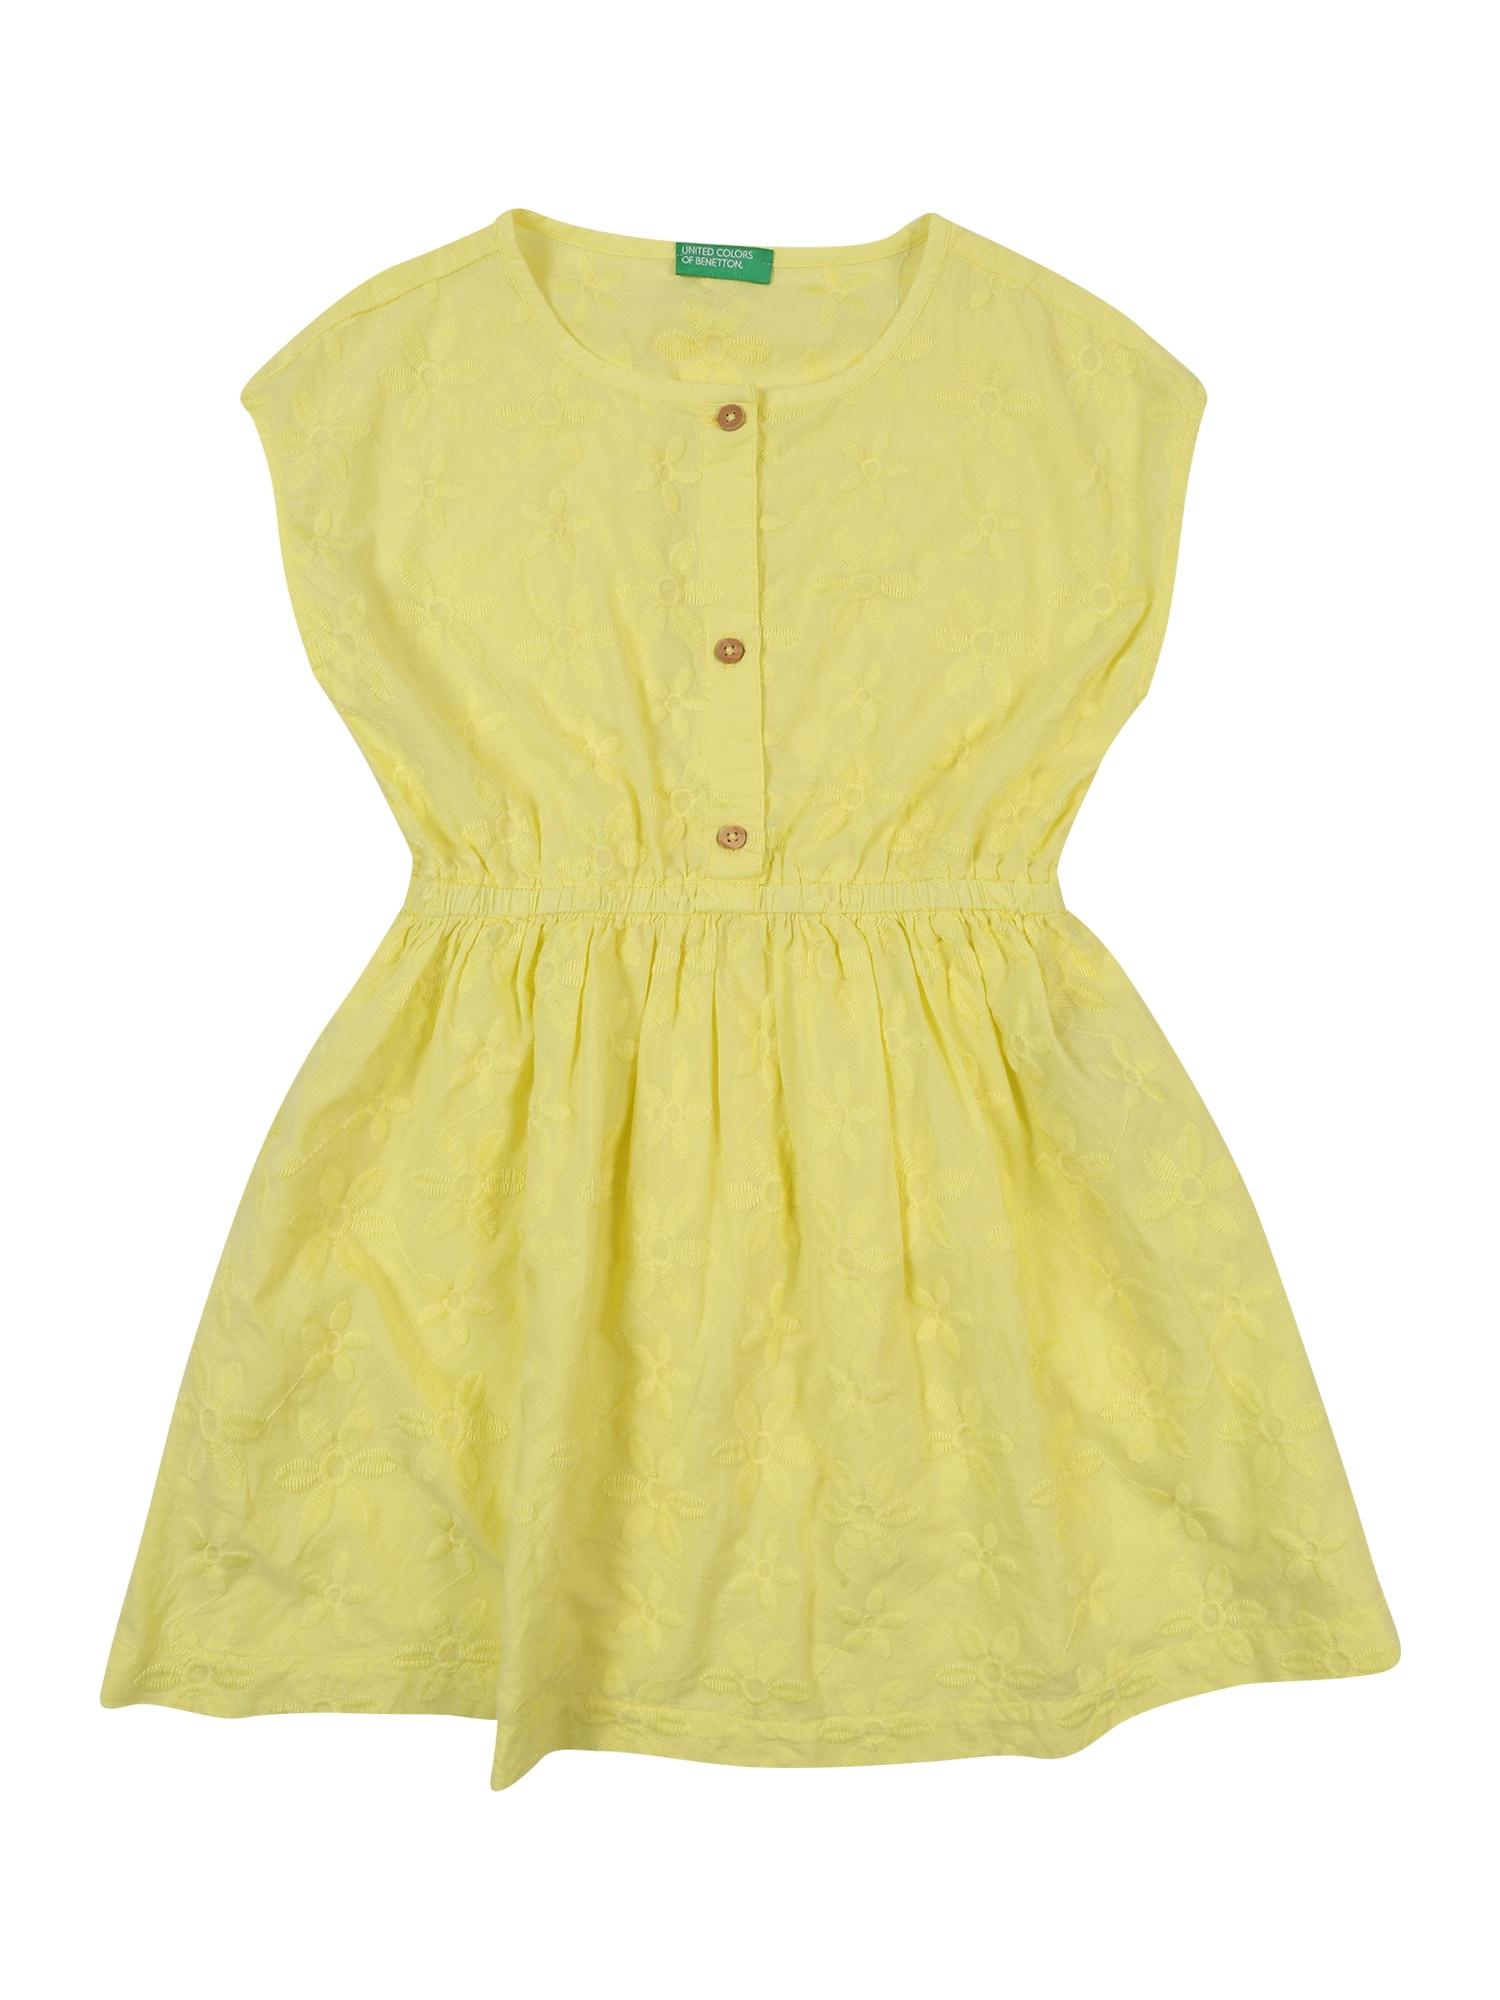 UNITED COLORS OF BENETTON Suknelė geltona